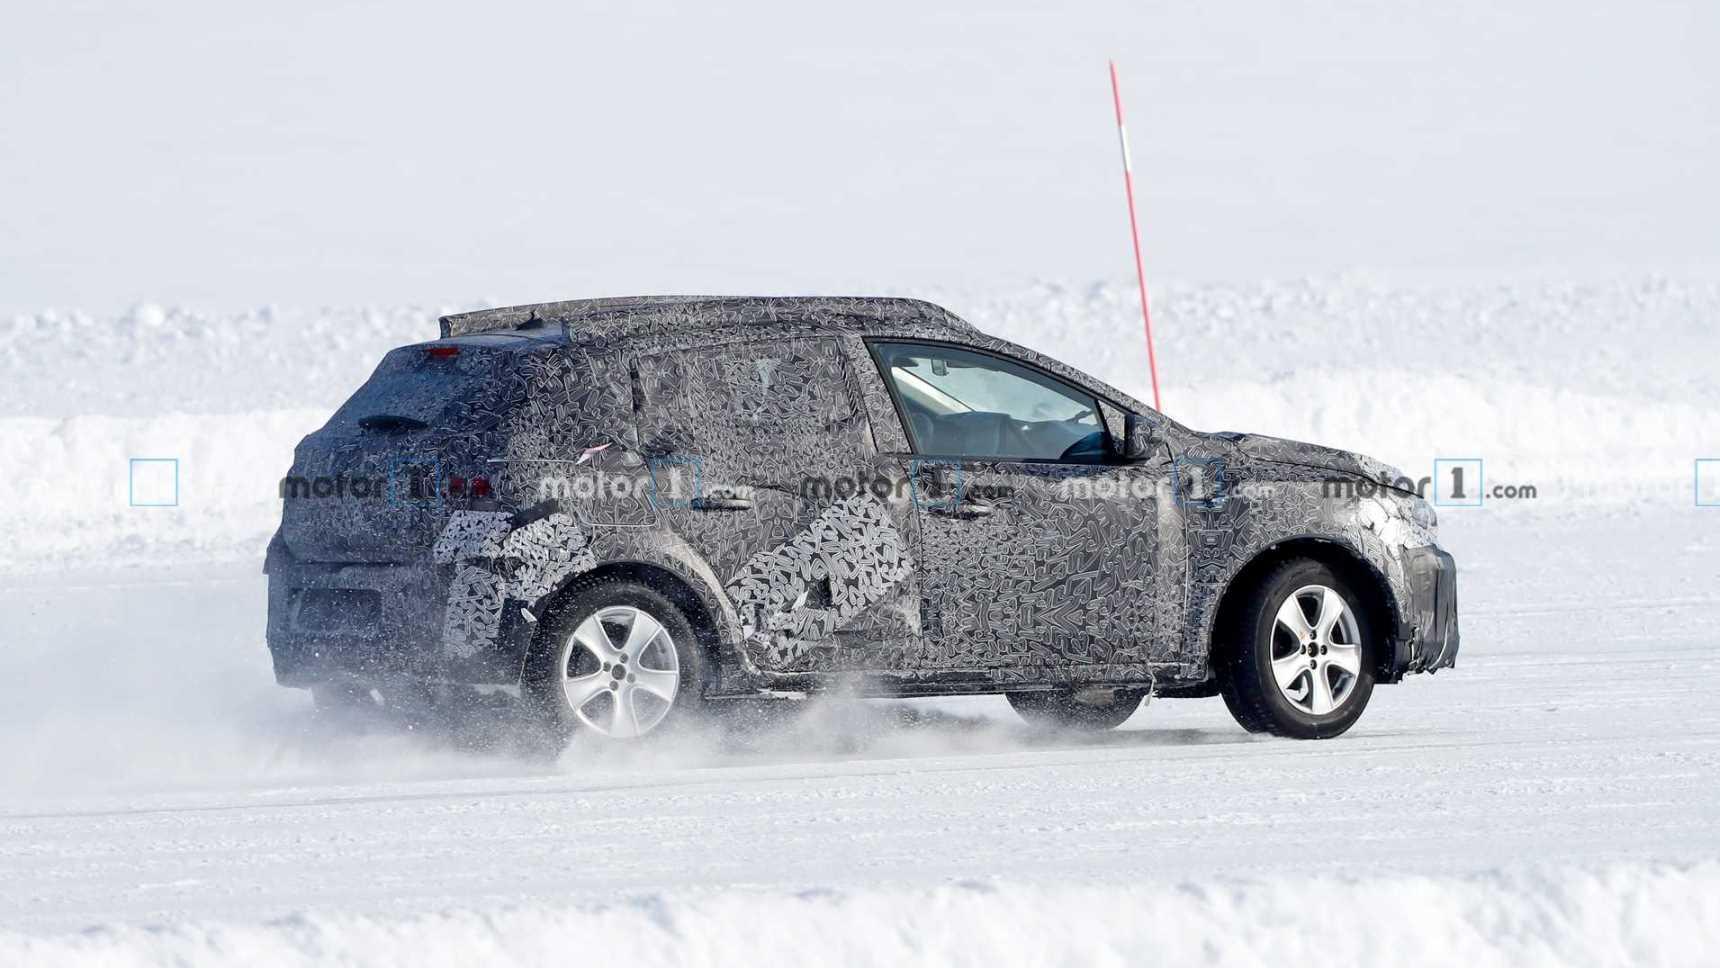 Абсолютно новые Sandero Stepway и Logan дали жару на снегу